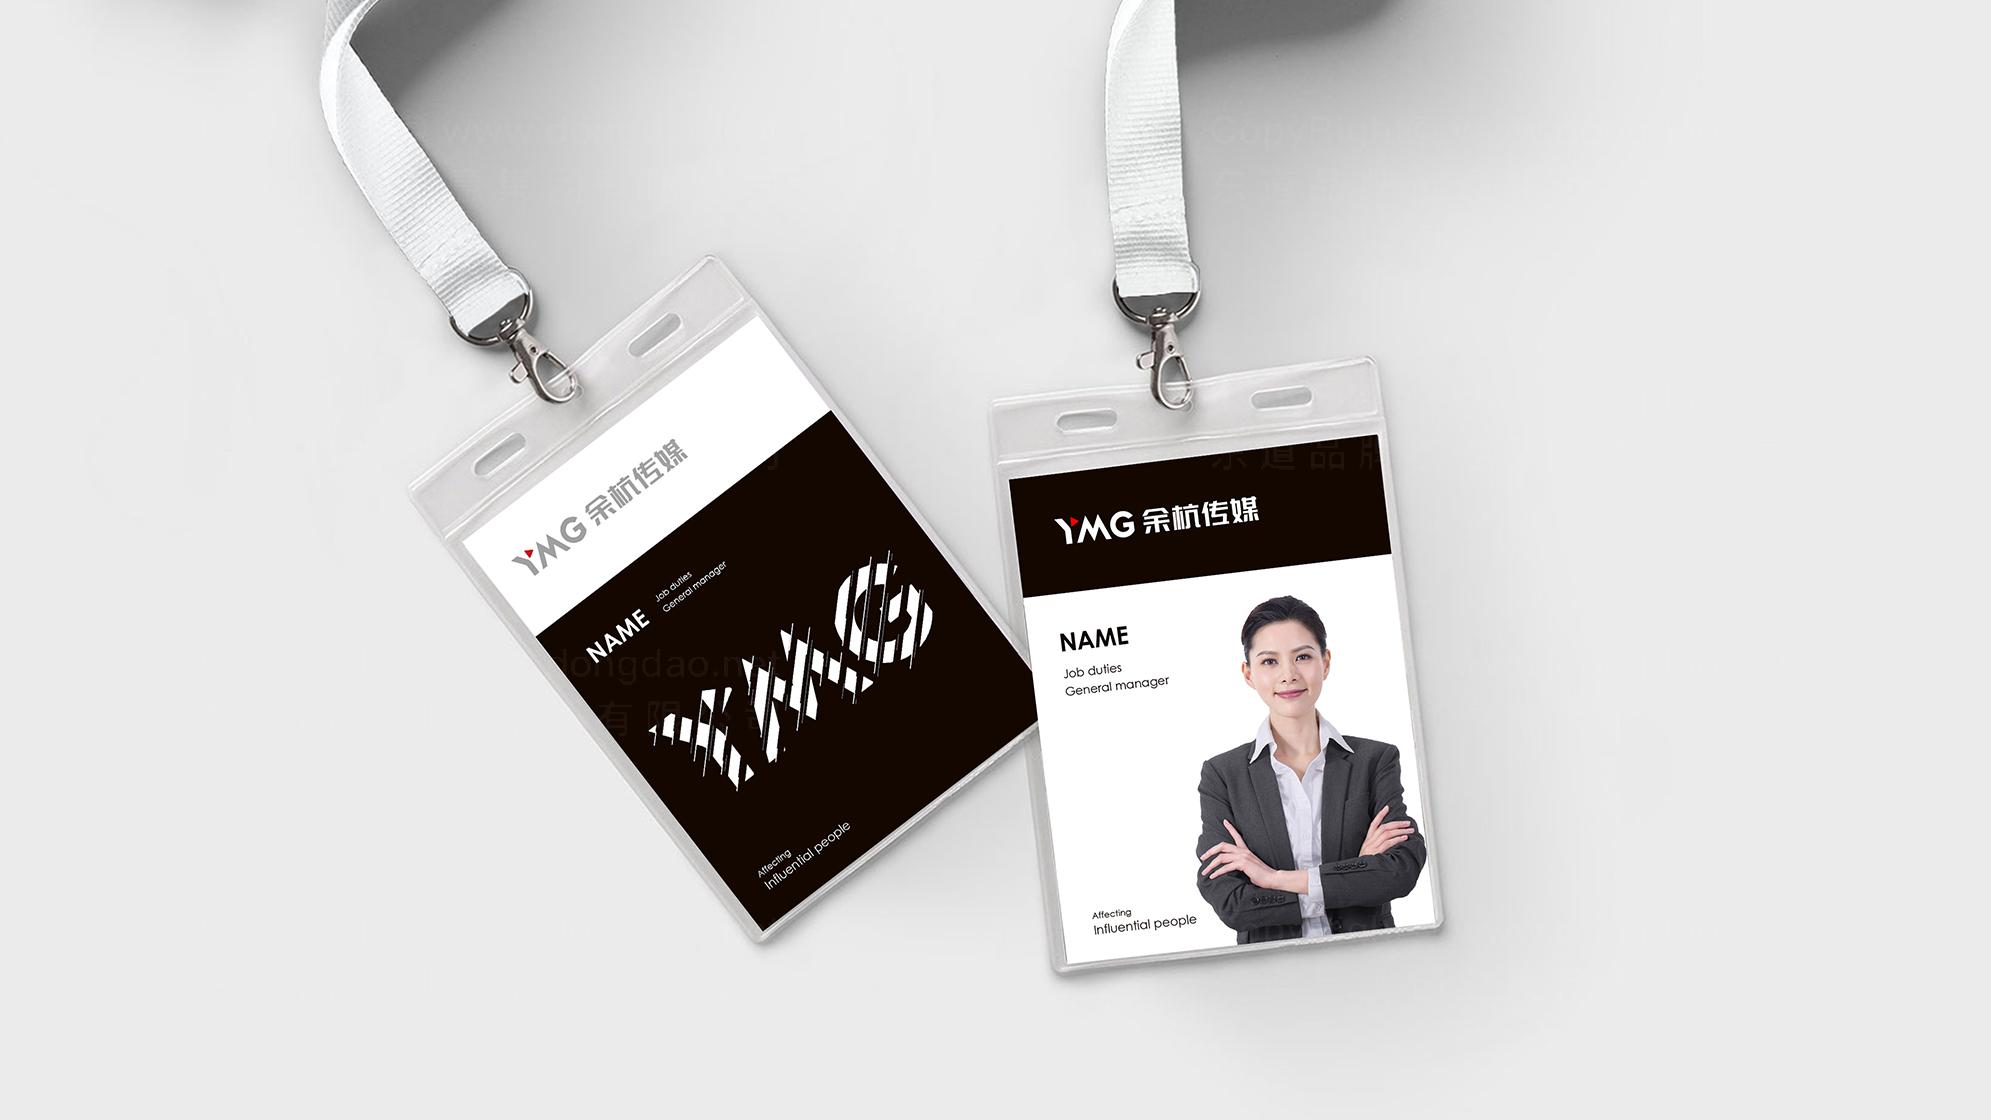 品牌设计余杭传媒logo设计、vi设计应用场景_6